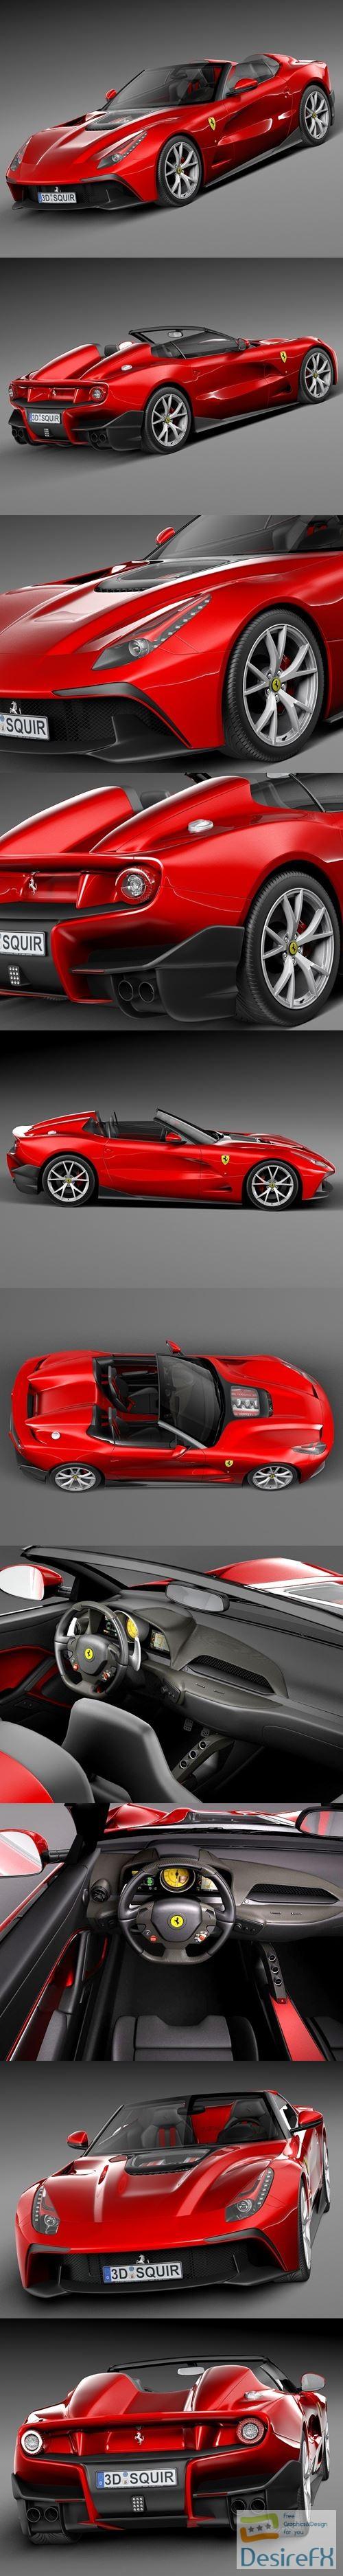 3d-models - Ferrari F12 TRS Roadster 2014 3D Model